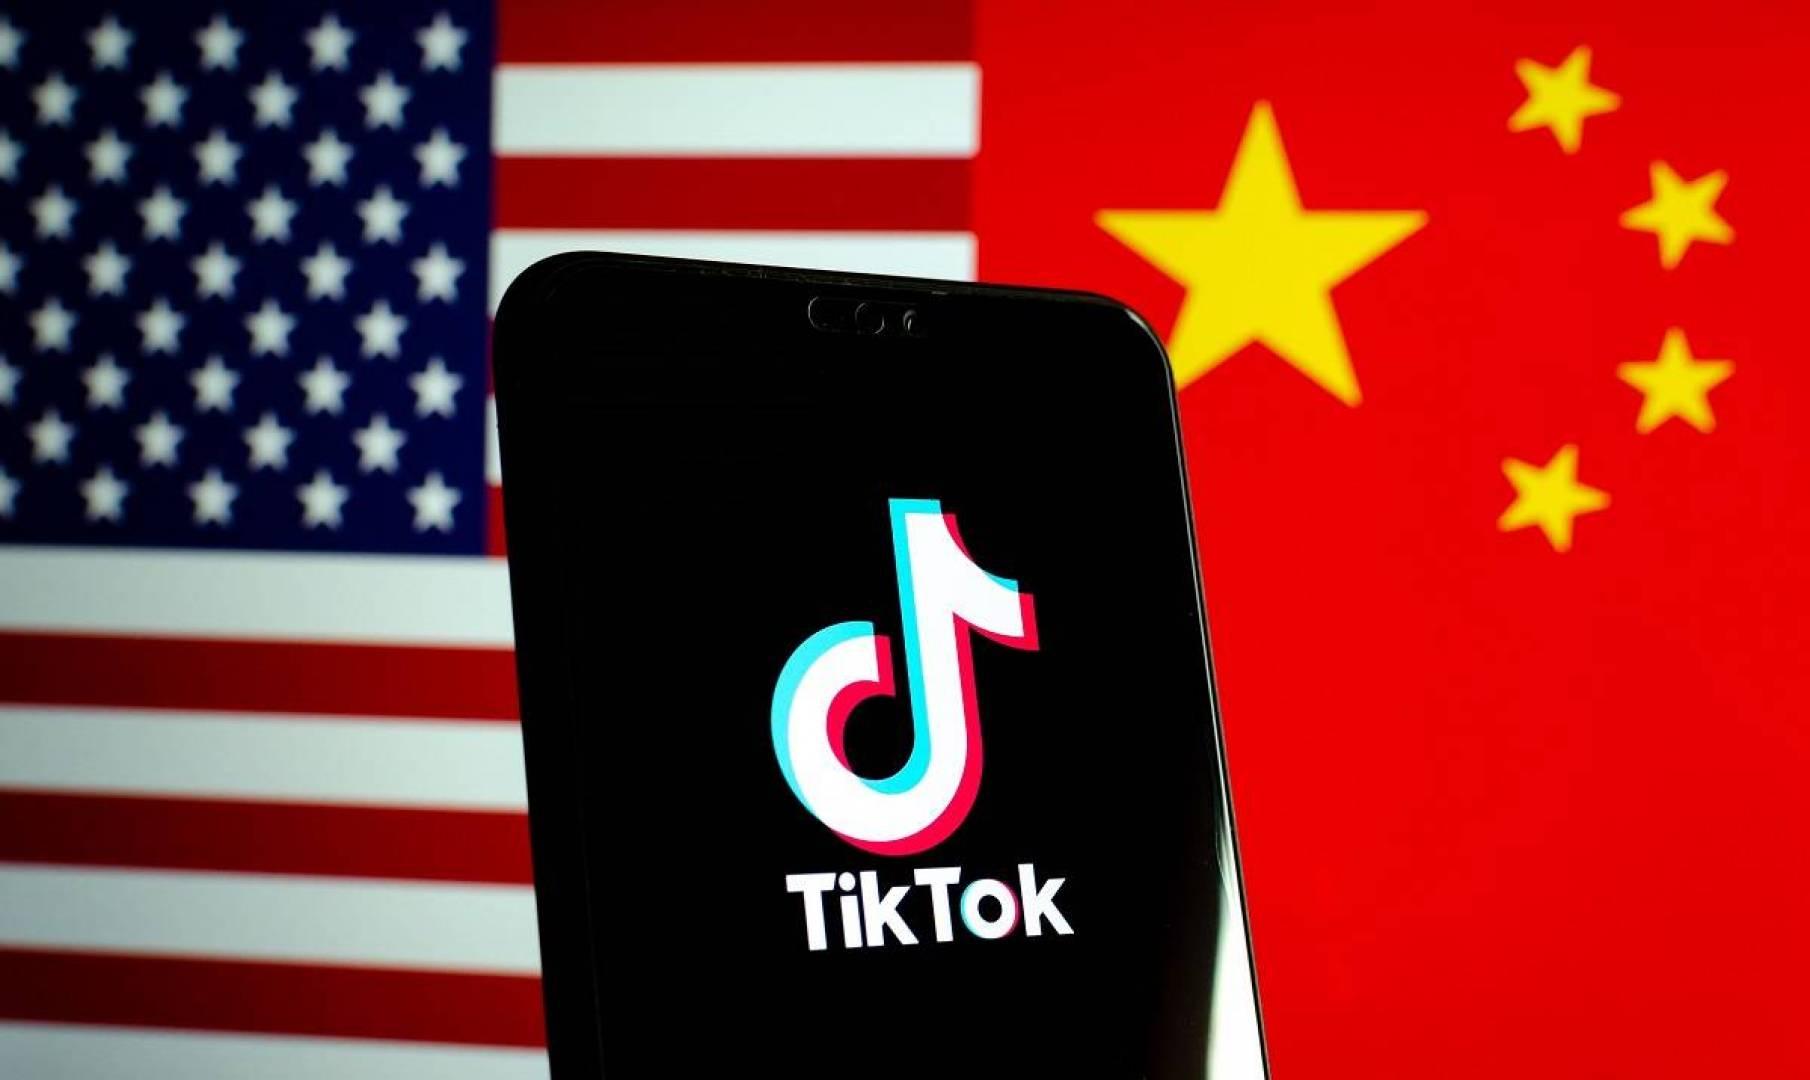 وزير التجارة الصيني: نرفض قرار الحظر الأميركي ضد «تيك توك» و «وي تشات»